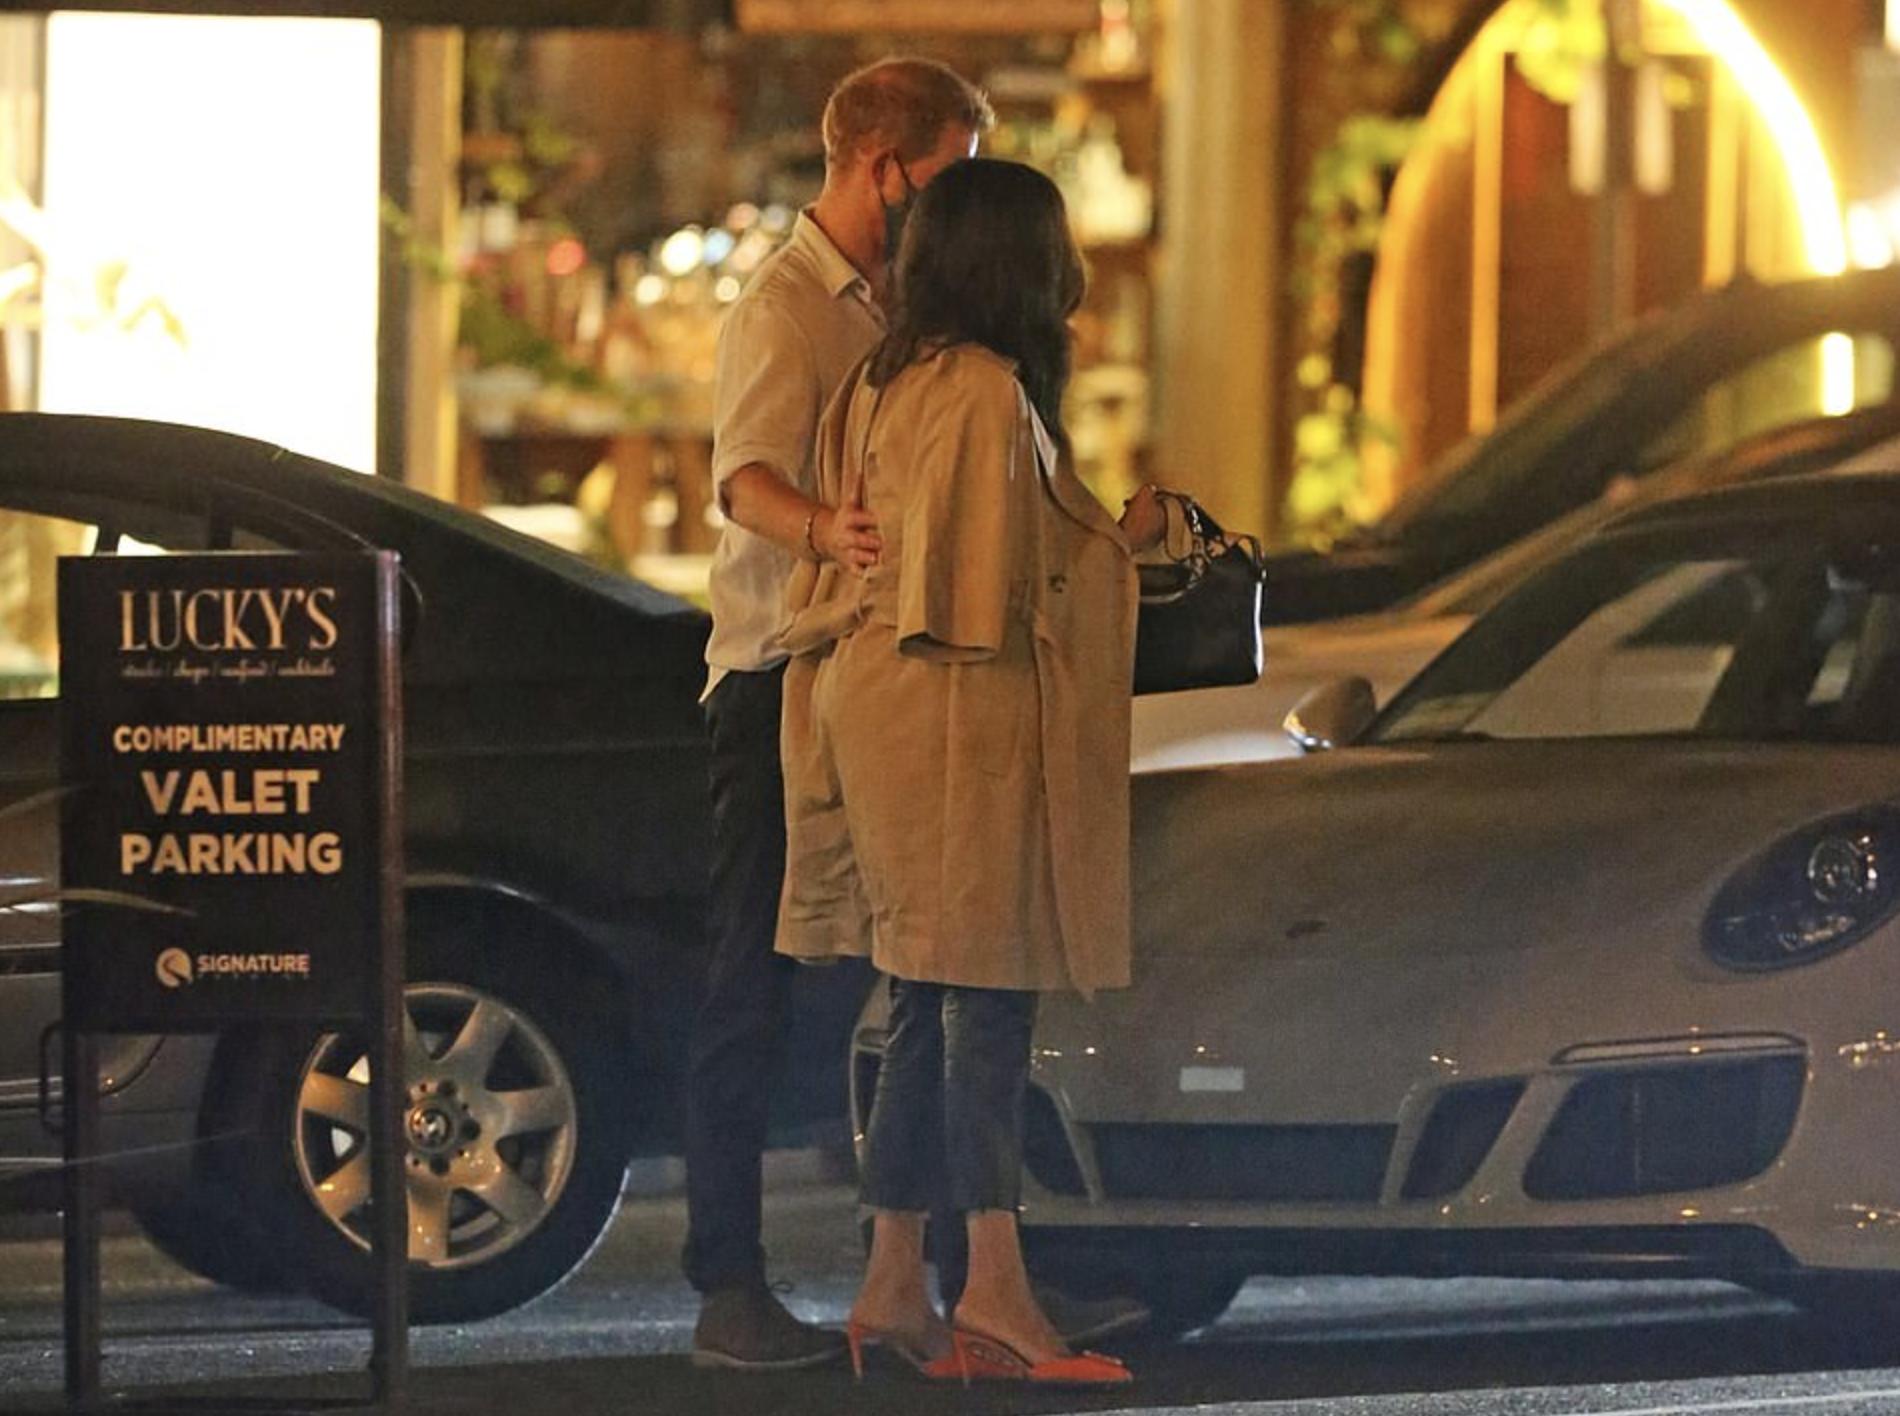 Принц Гарри и Меган Маркл встретились с друзьями в одном из дорогих ресторанов Монтесито